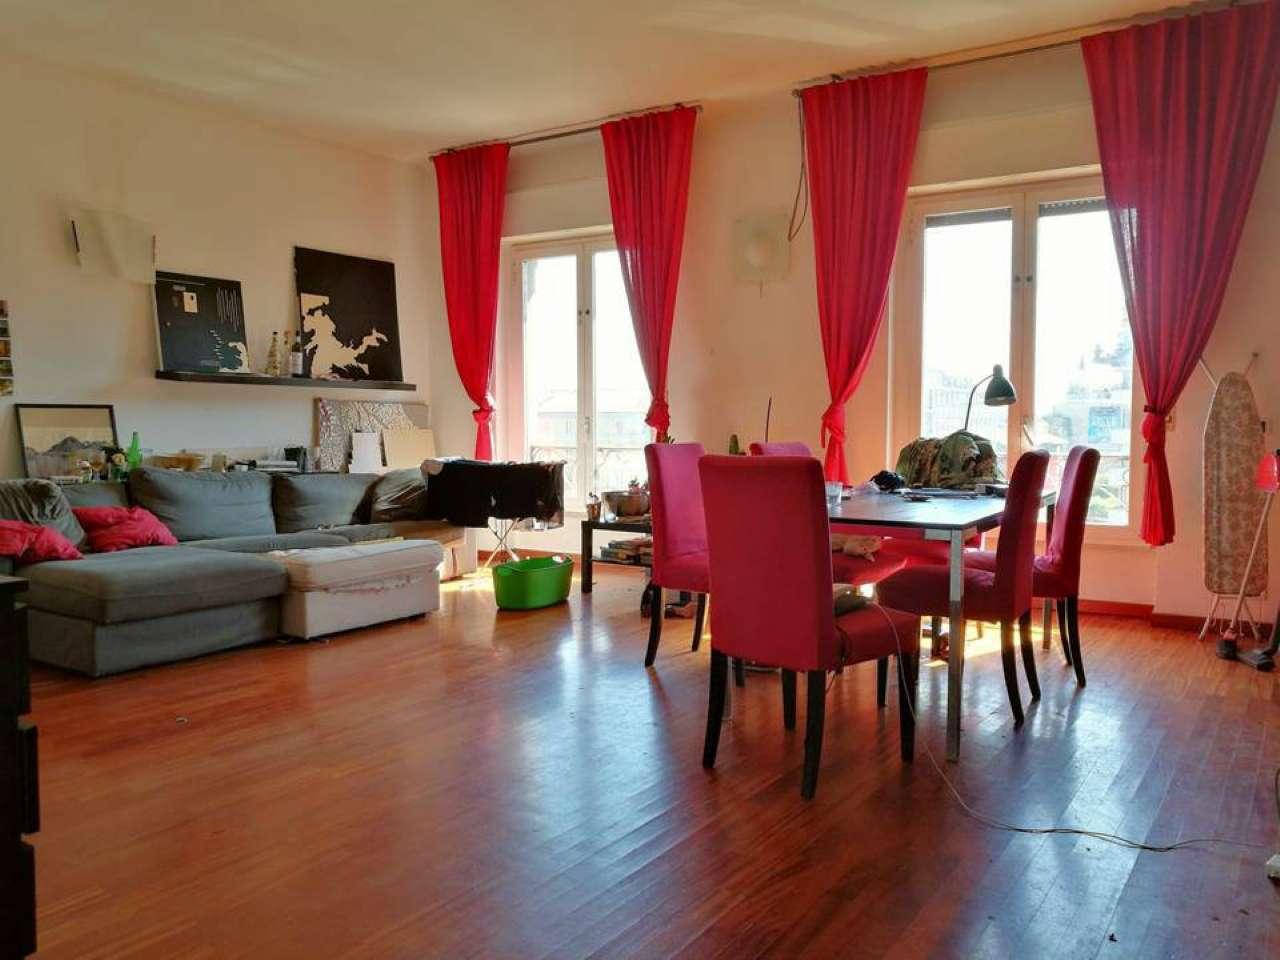 Appartamento in affitto a Milano, 4 locali, zona Zona: 6 . V Giornate, XXII Marzo, P.ta Romana, Viale Corsica, Tribunale, Policlinico, prezzo € 2.917 | CambioCasa.it